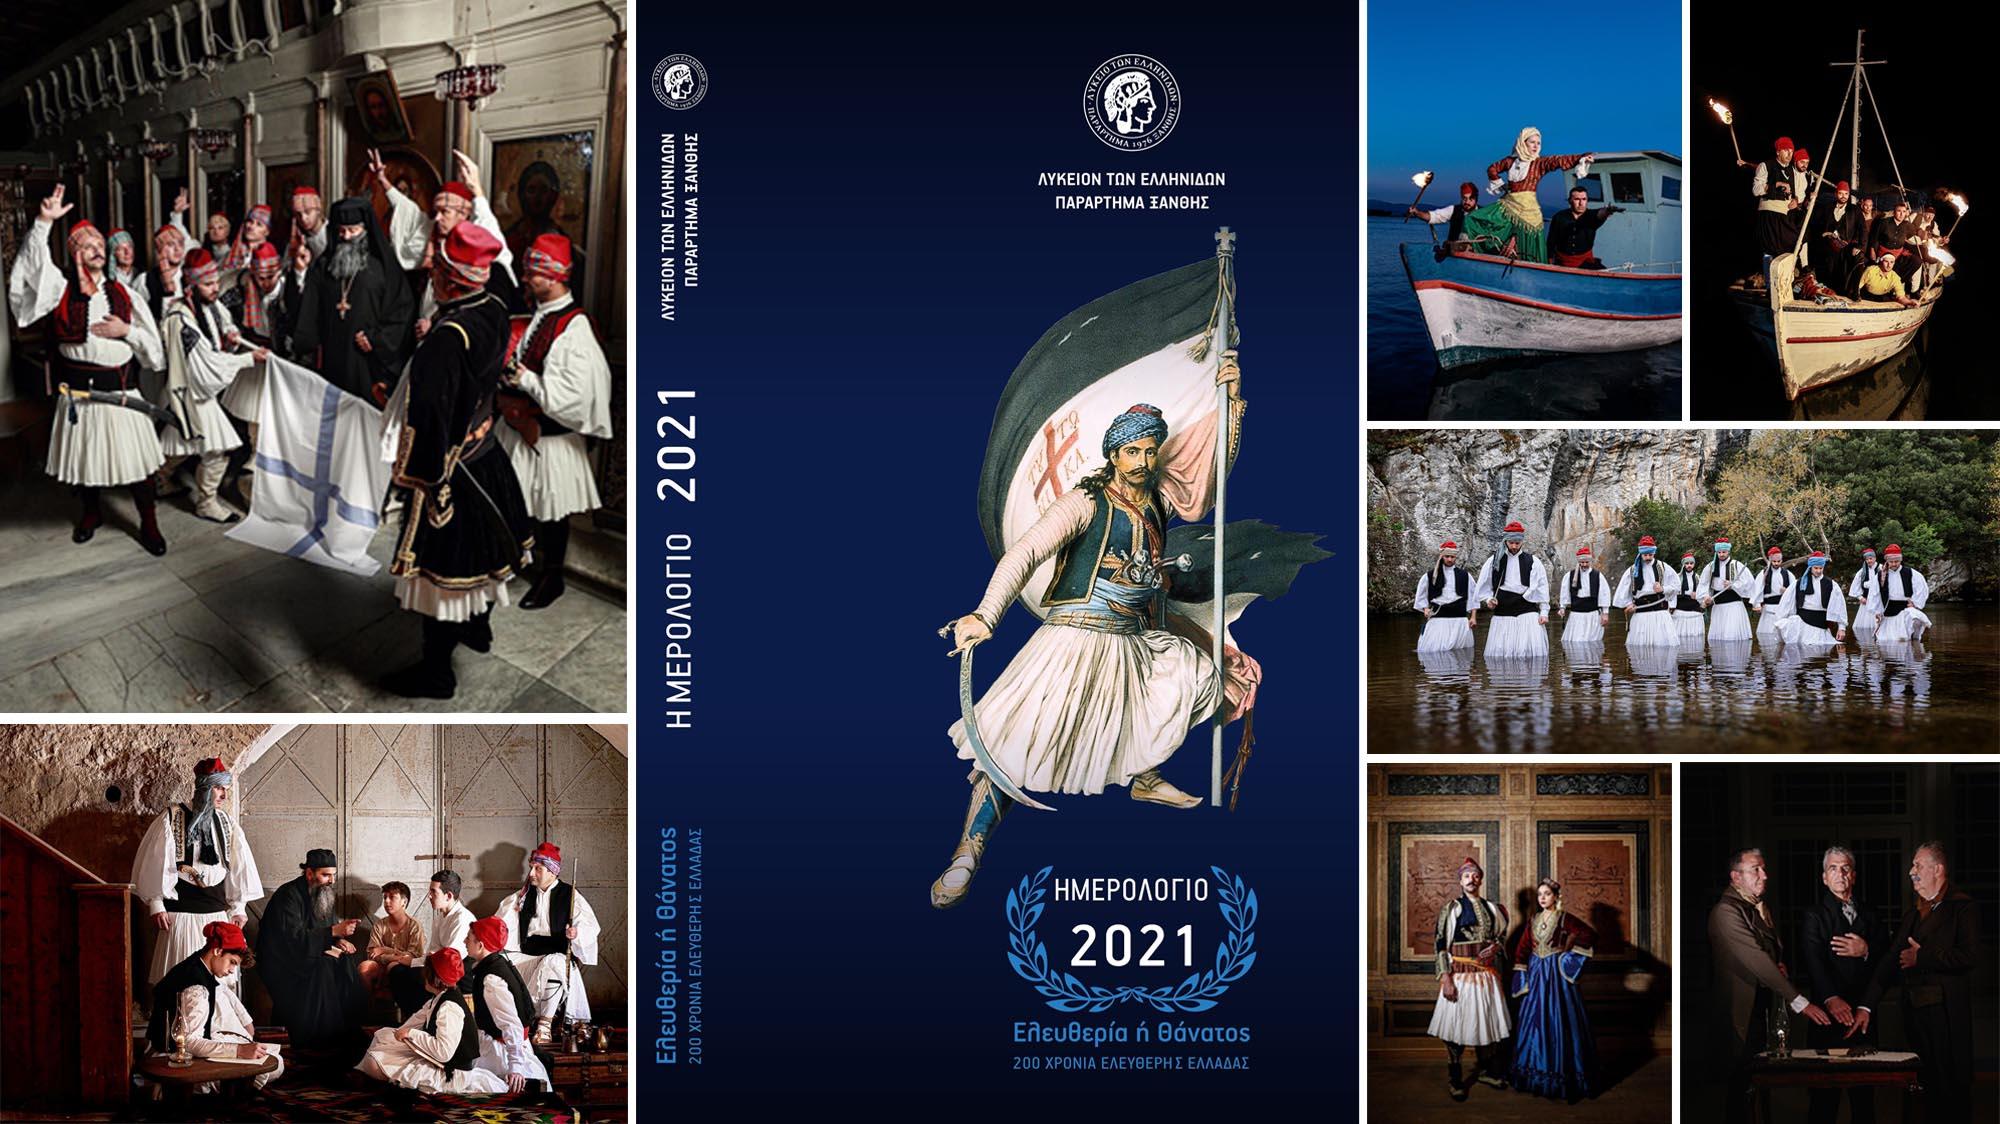 Ξάνθη: Εκπληκτικό ημερολόγιο από το Λύκειο Ελληνίδων της πόλης για τους ήρωες του 1821